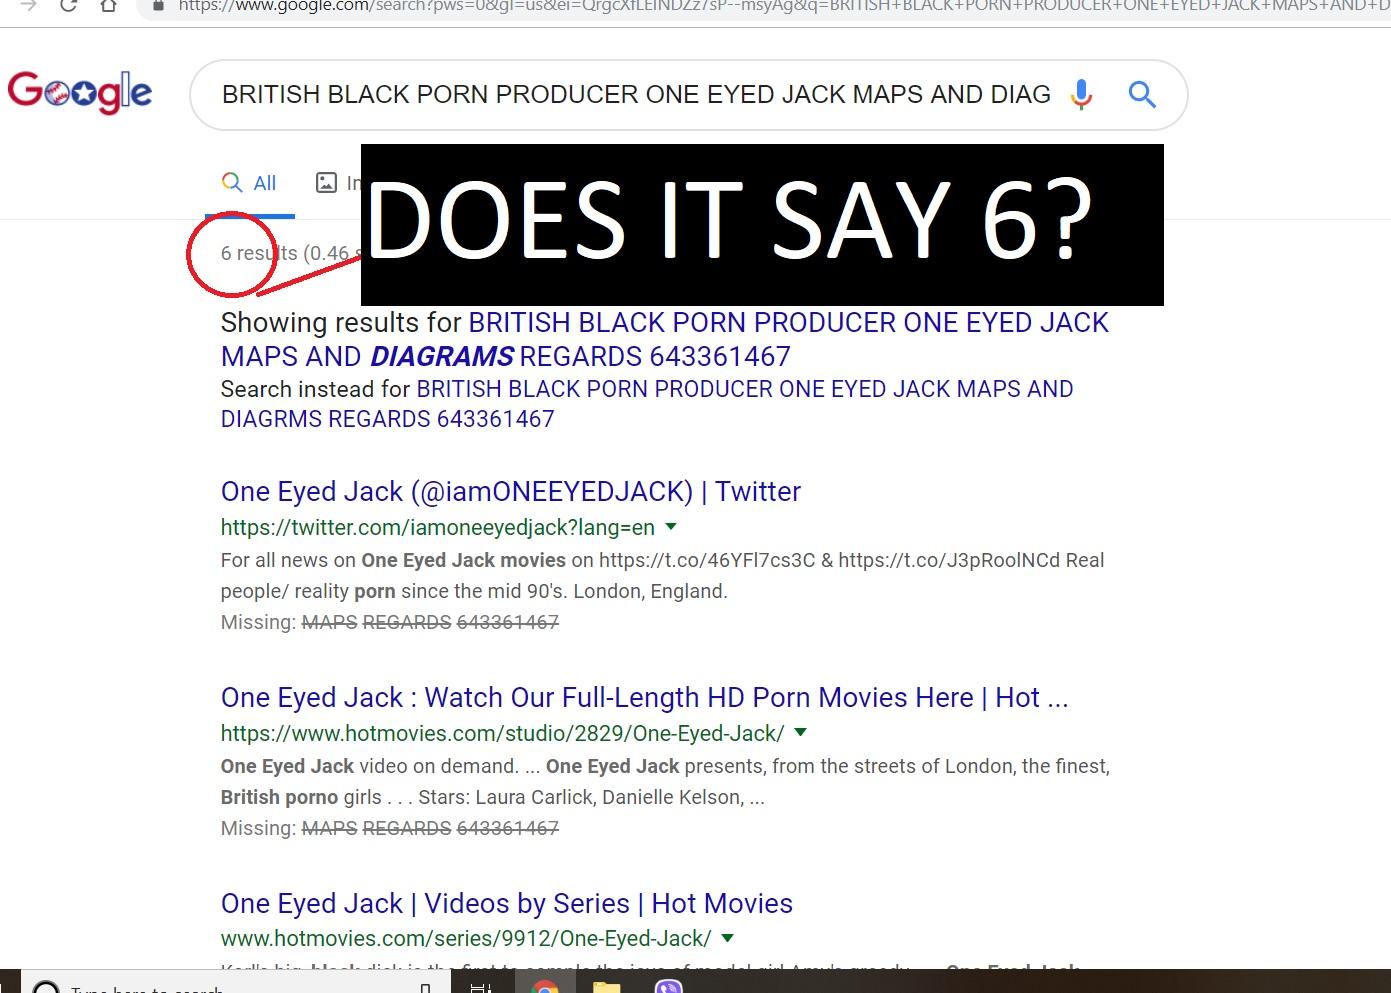 ONE EYES JACK